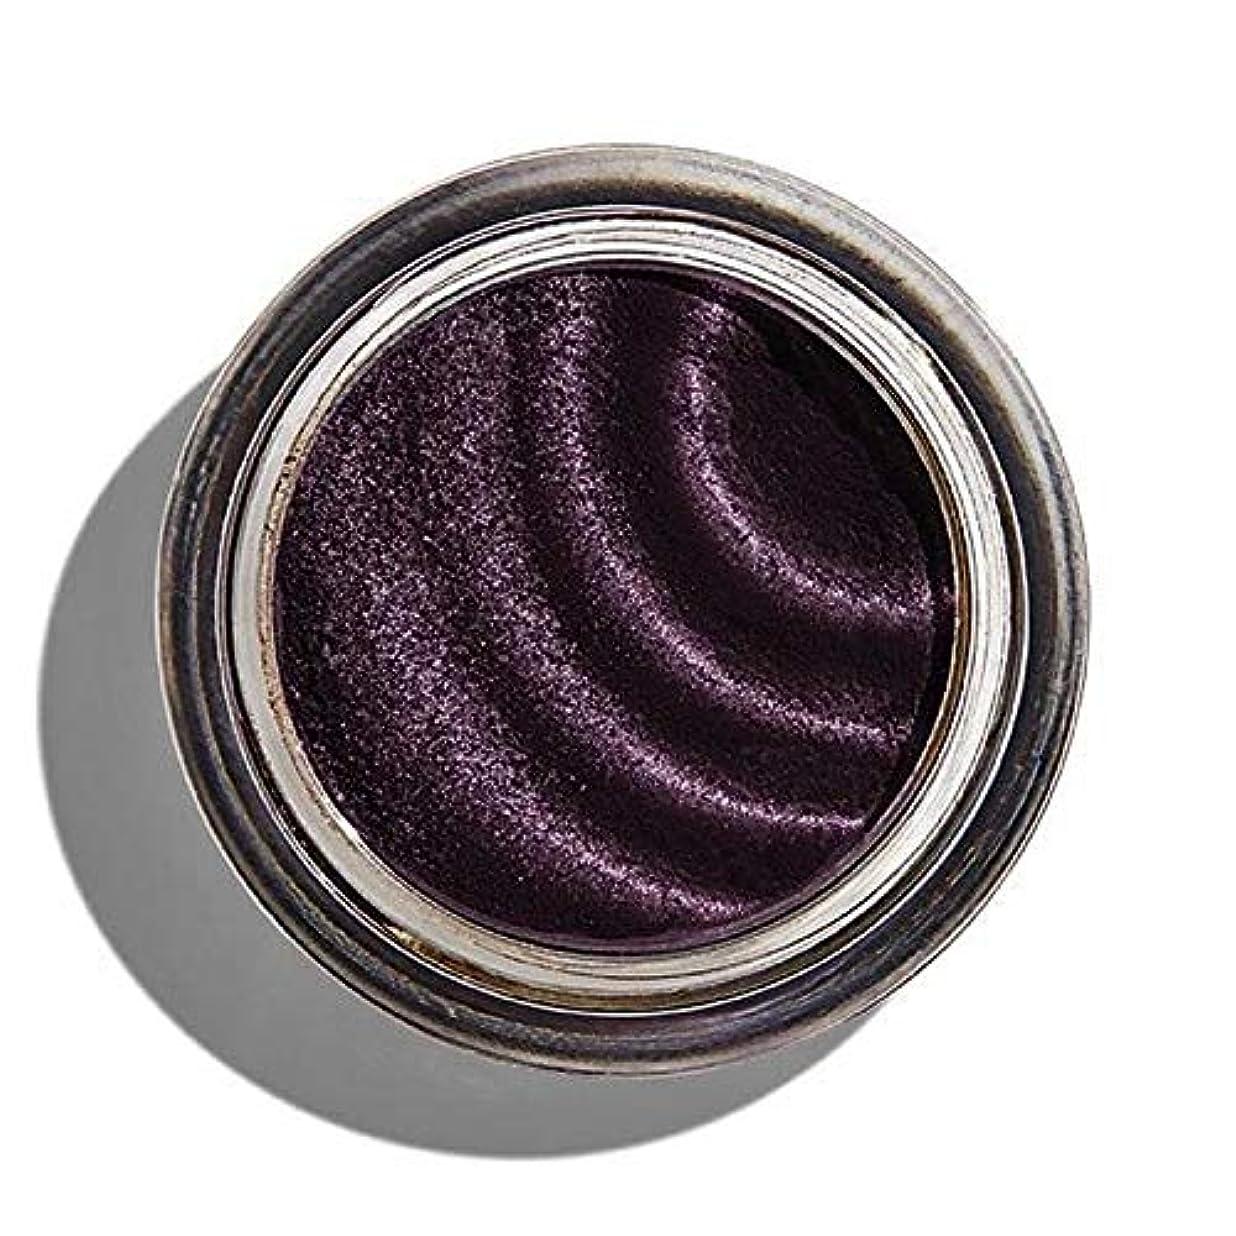 第九何よりもコンベンション[Revolution ] 化粧革命磁化のアイシャドウブラウン - Makeup Revolution Magnetize Eyeshadow Brown [並行輸入品]